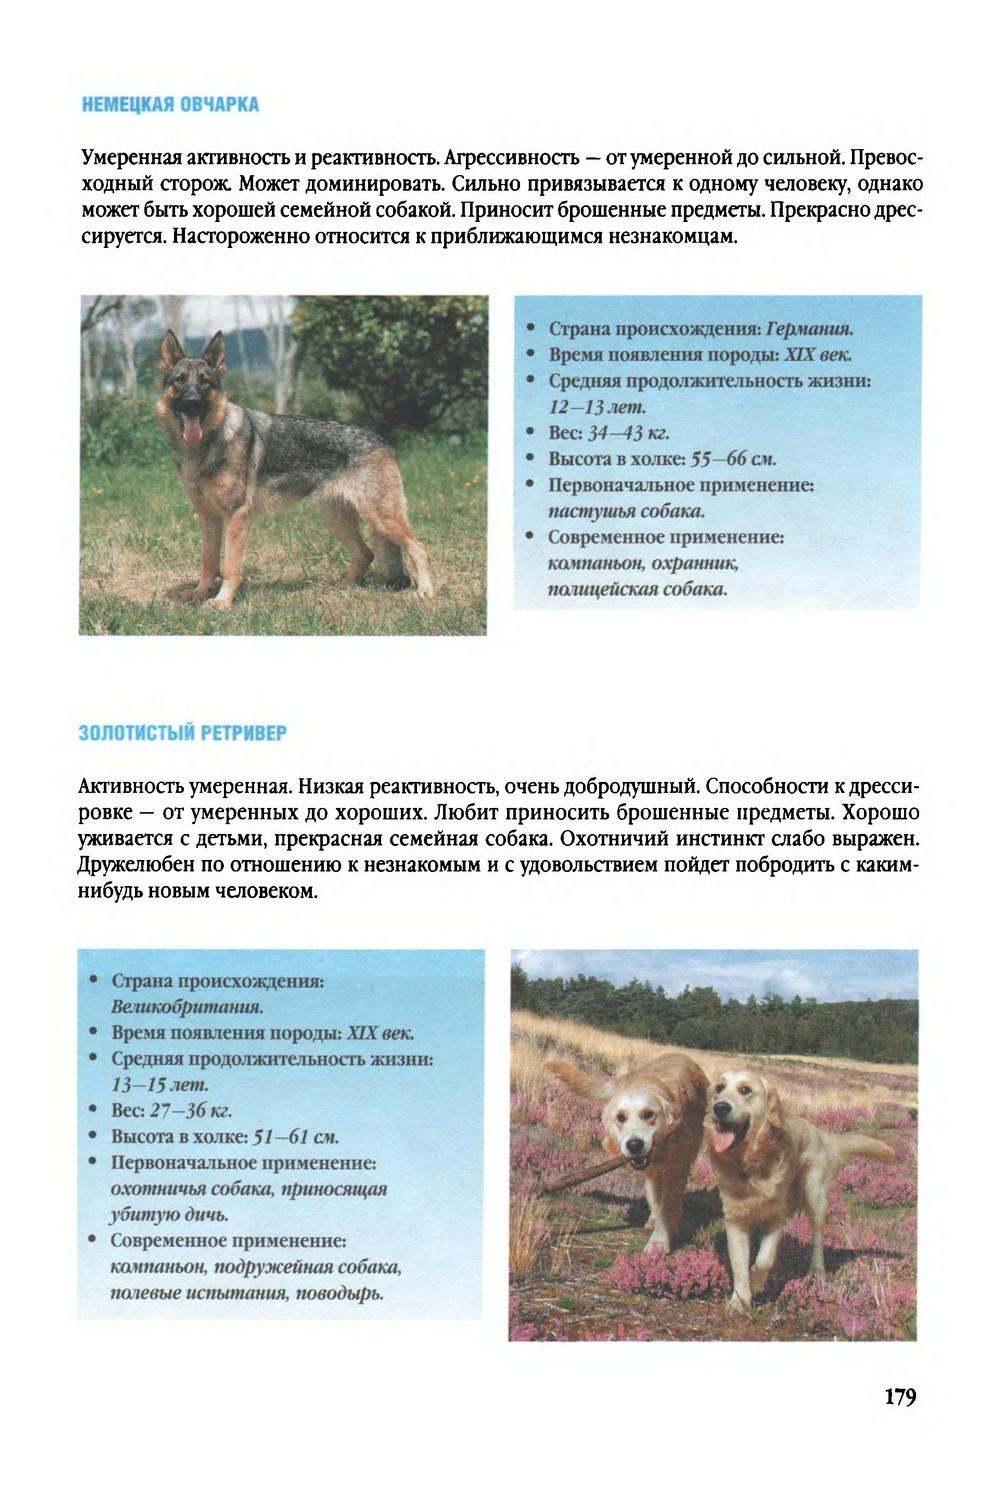 http://i2.imageban.ru/out/2014/01/18/f1adcb85da6aa861f6ea88fed3699008.jpg